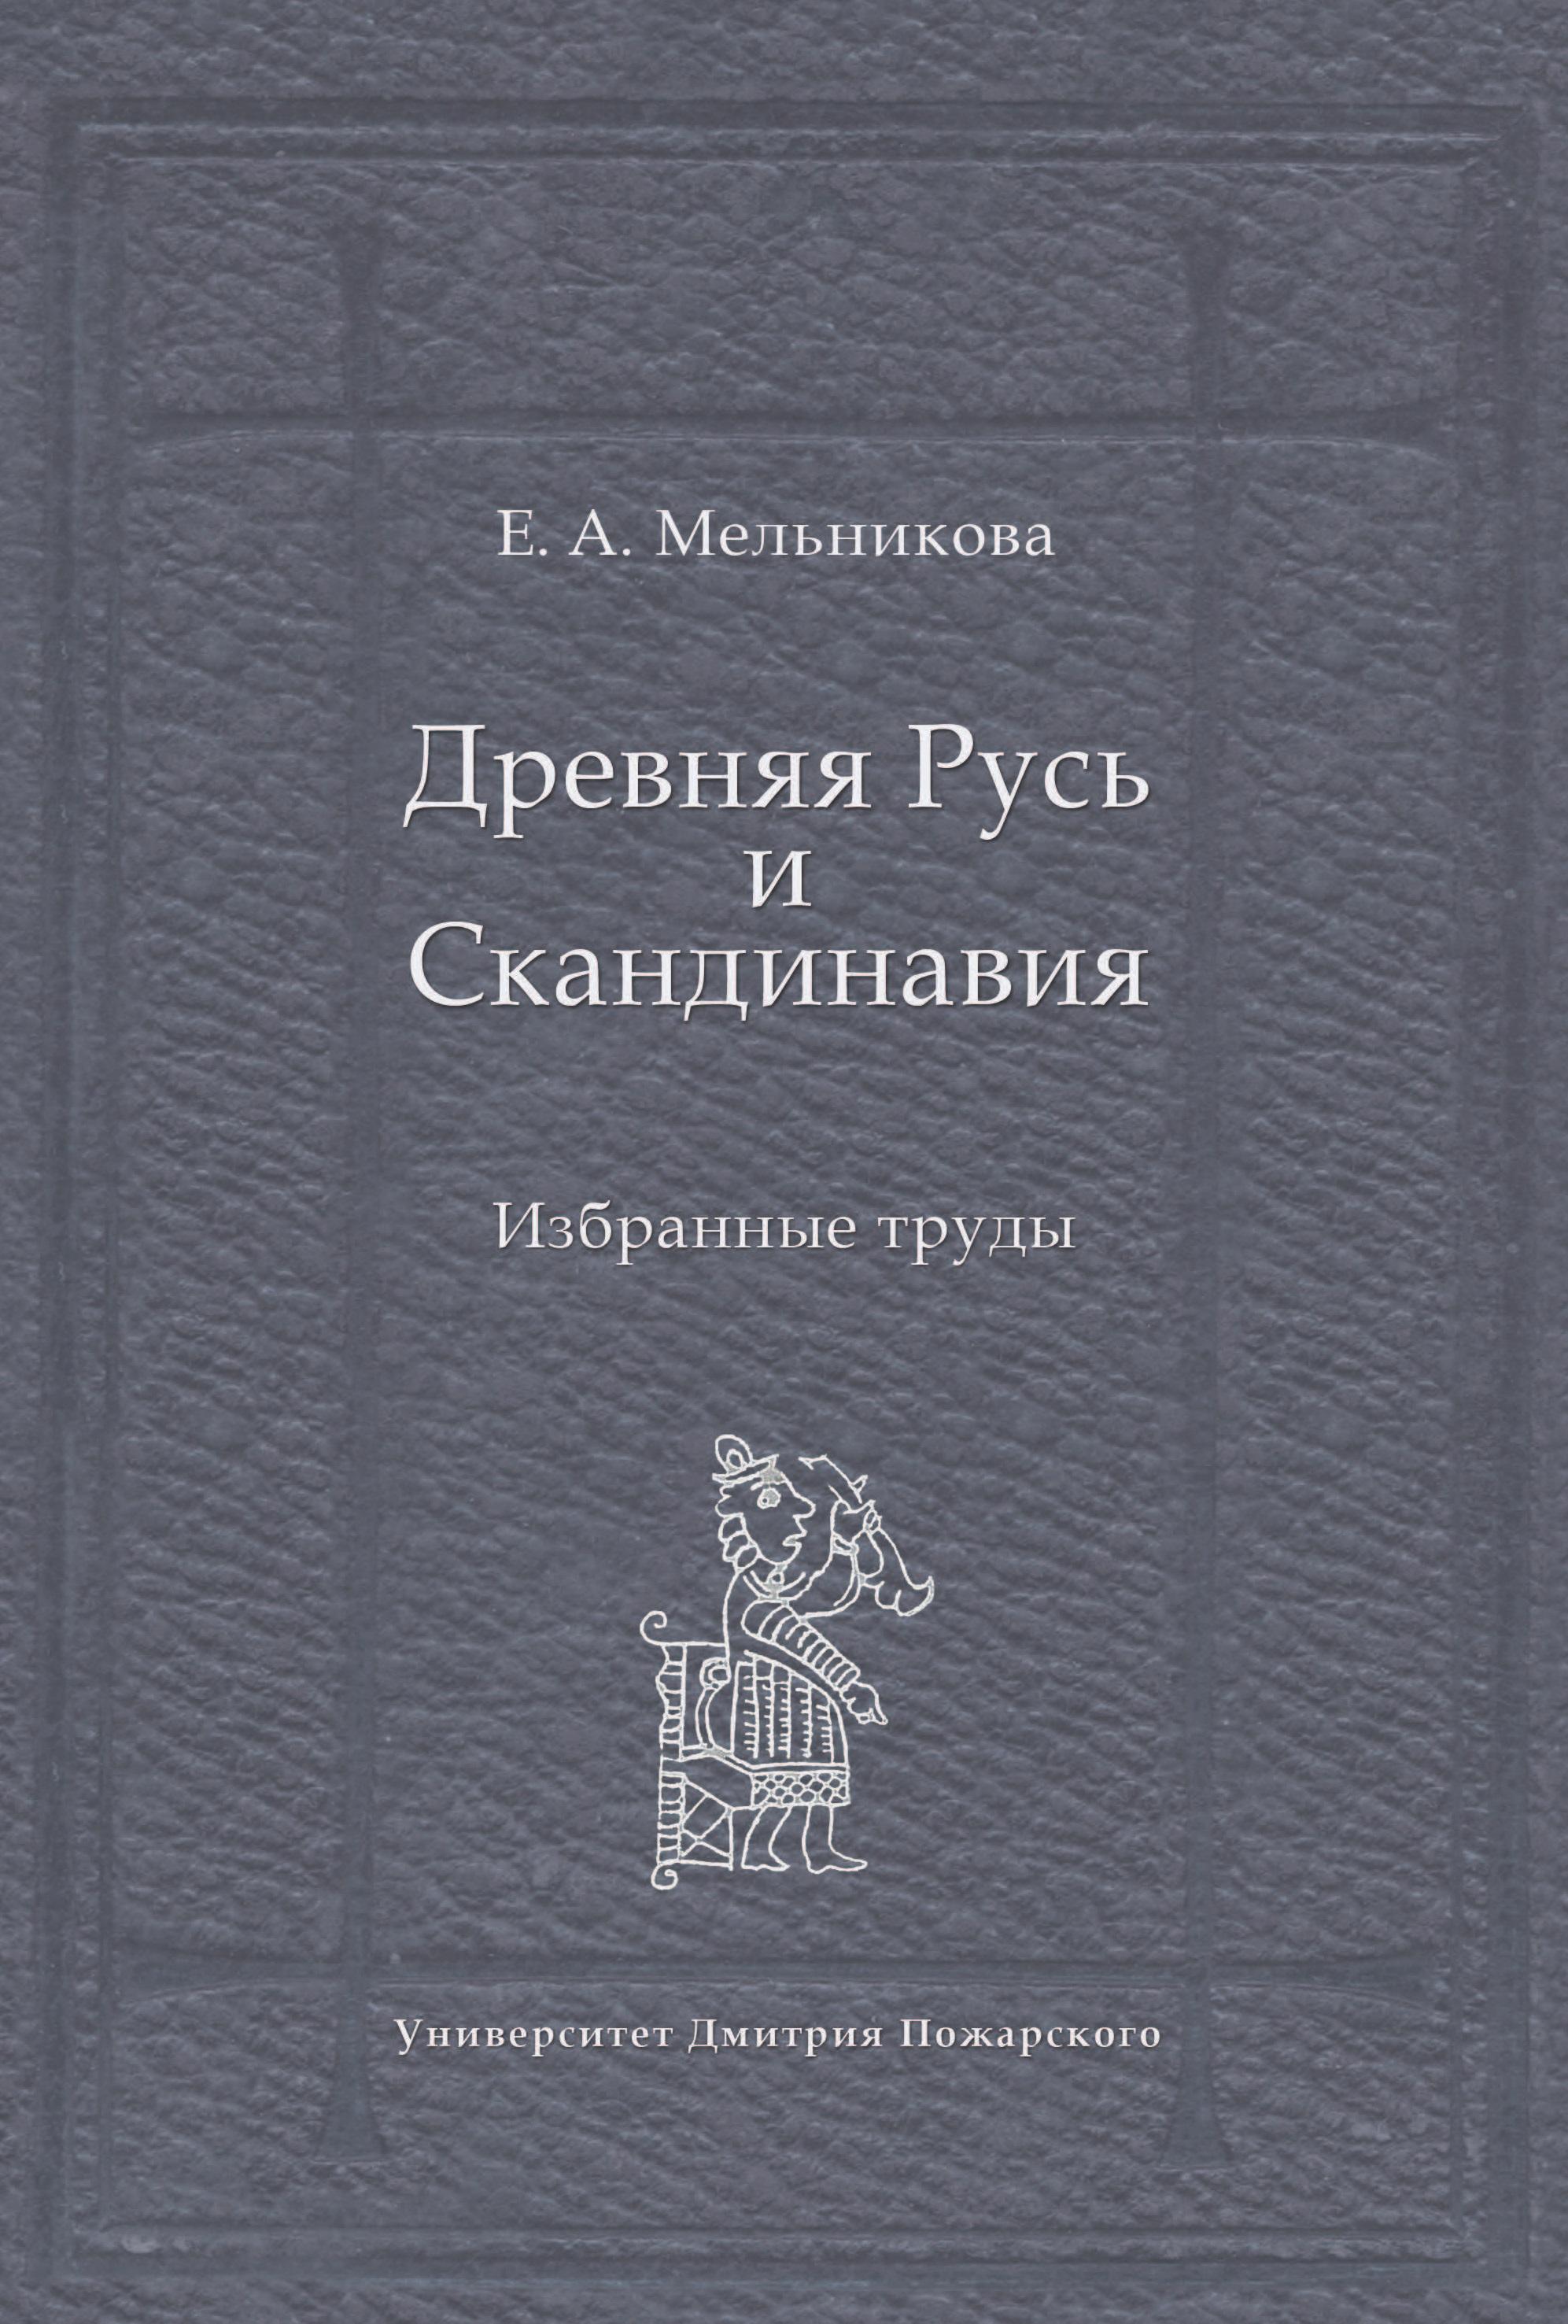 Е. А. Мельникова Древняя Русь и Скандинавия: Избранные труды